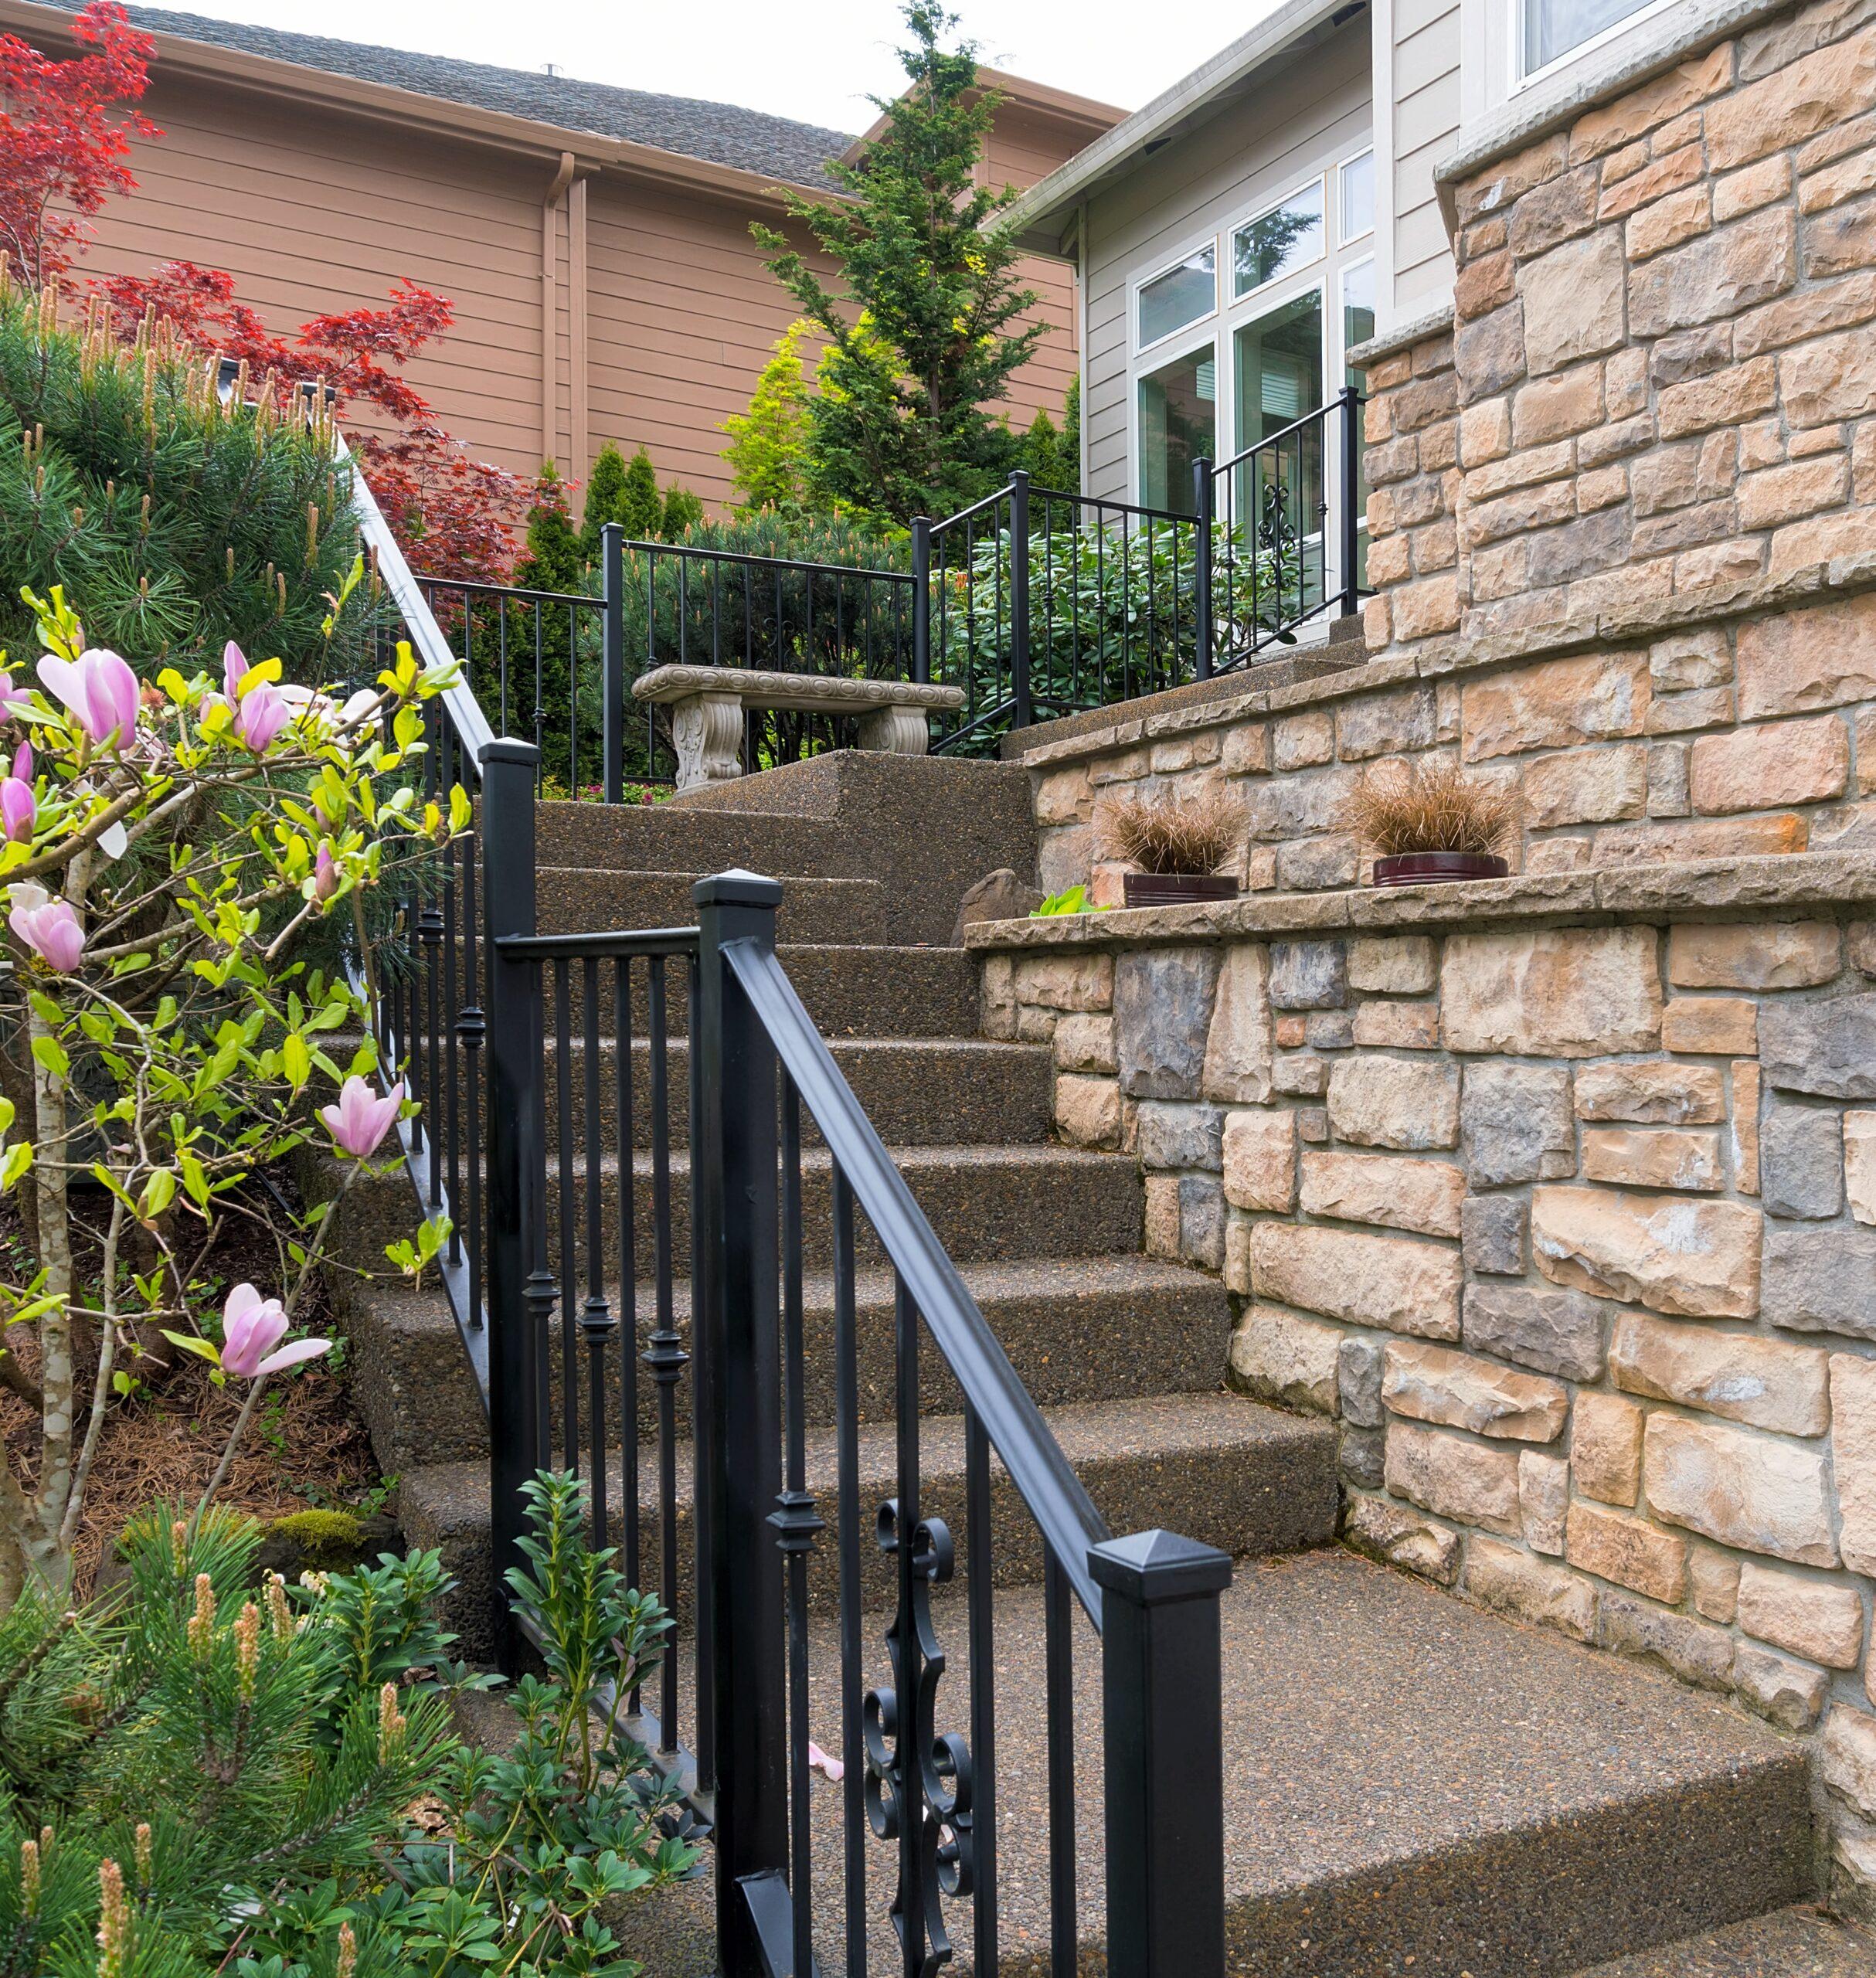 Hand Railings   Stairway Railings   Porch Railings   Outdoor or Indoor Stair Railings